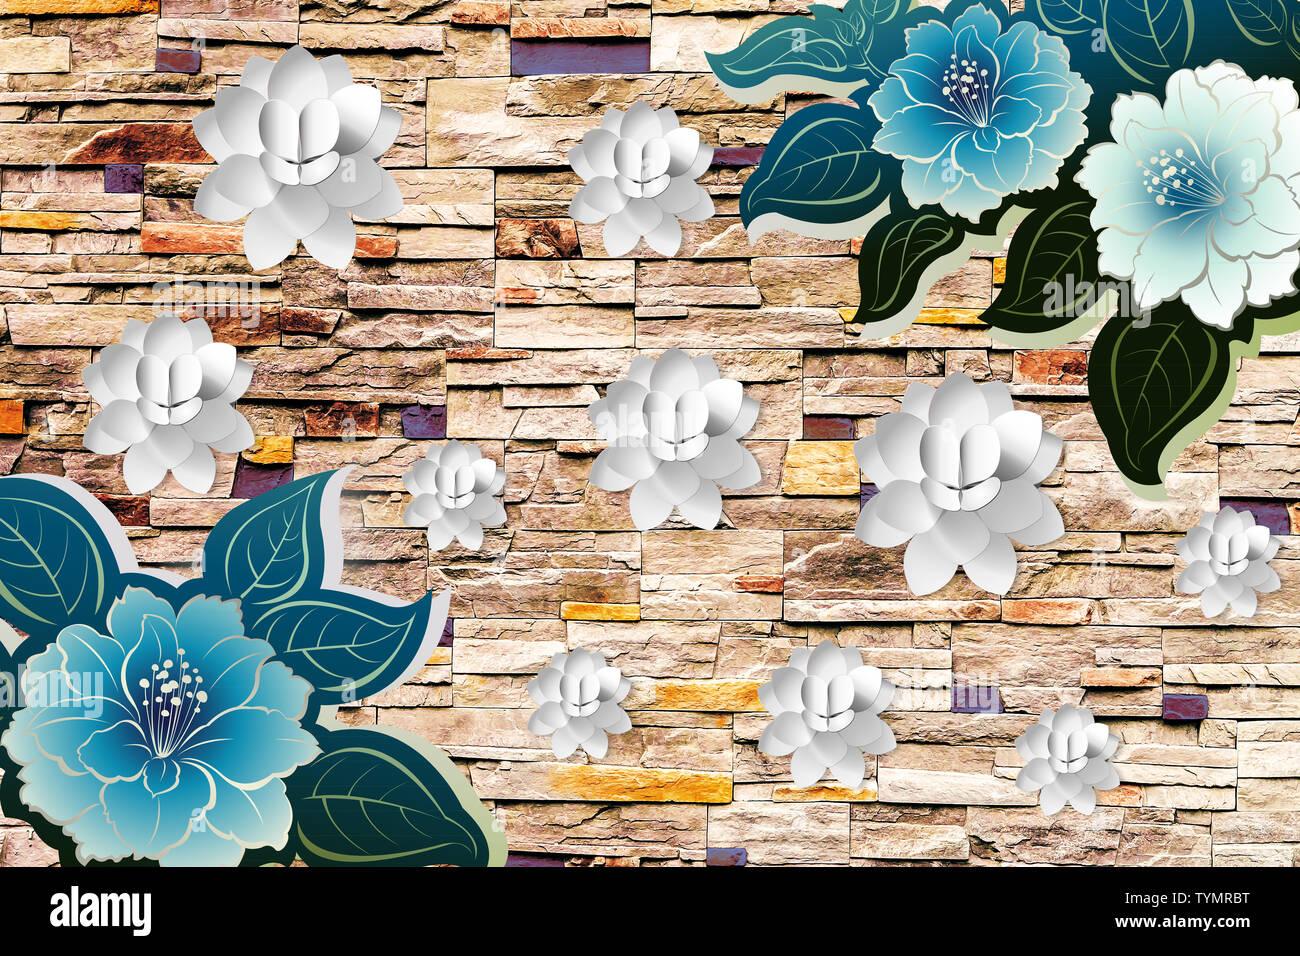 Papel Tapiz De Flores 3d Con Pared De Ladrillos Madera Piedra Y